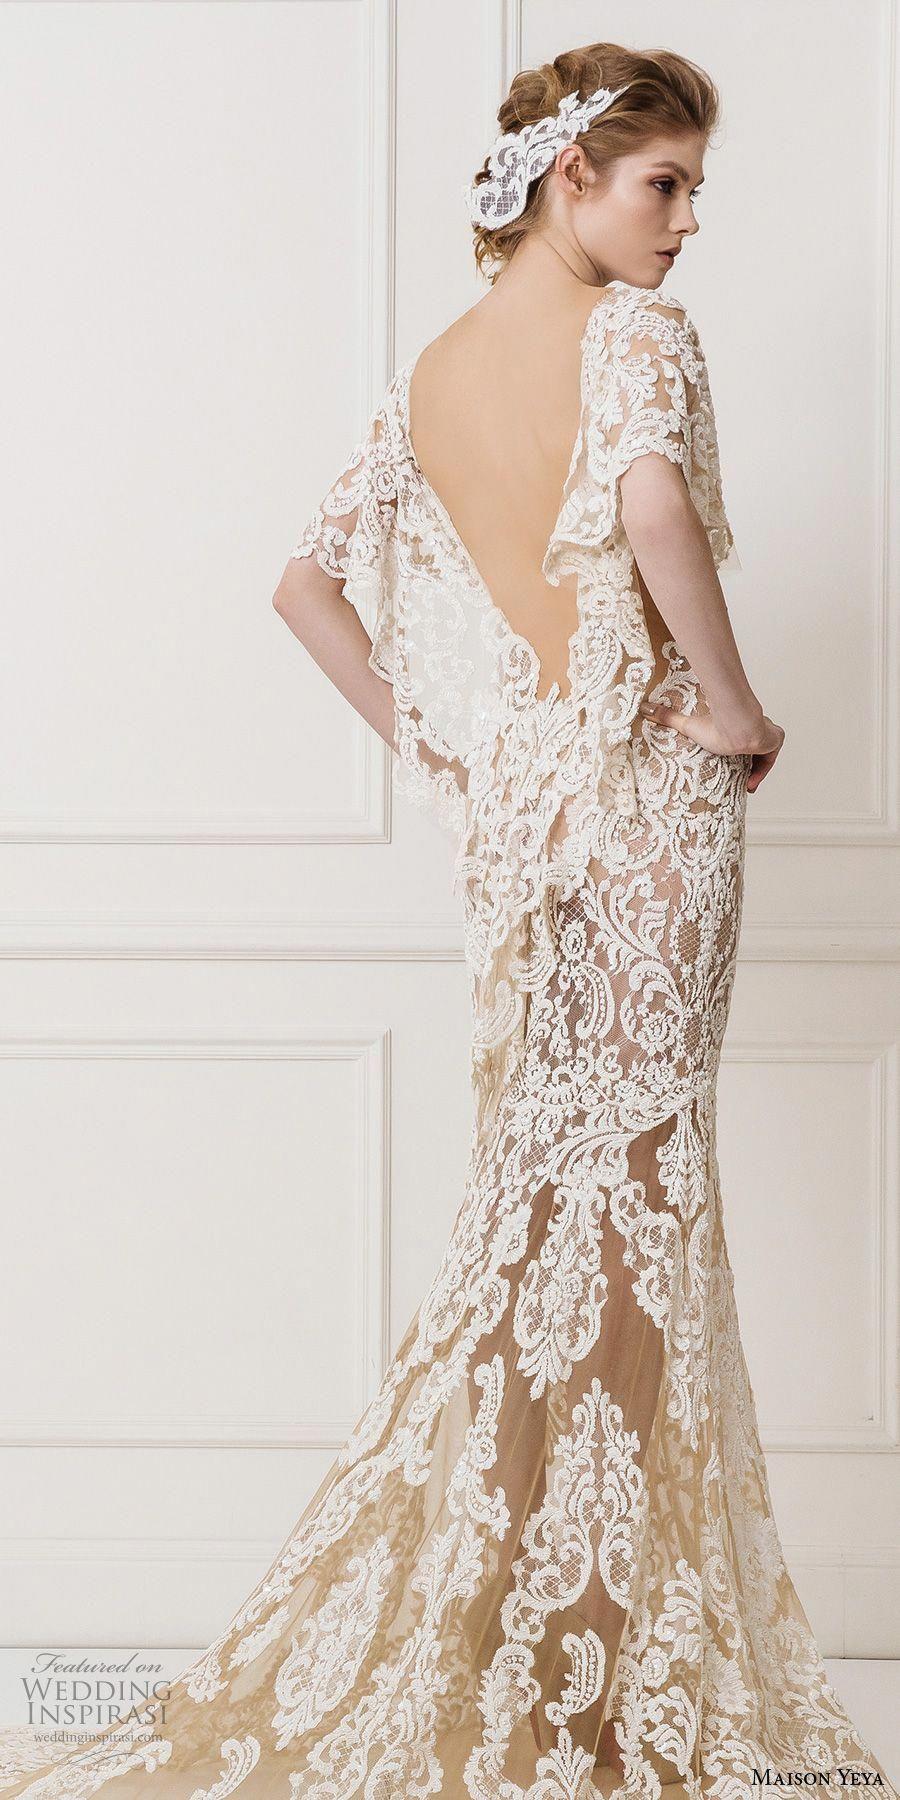 ed90acf115e maison yeya 2017 bridal flutter sleeves v neck full embellishment elegant  lace sheath wedding dress open v back chapel train (8) zbv   ...